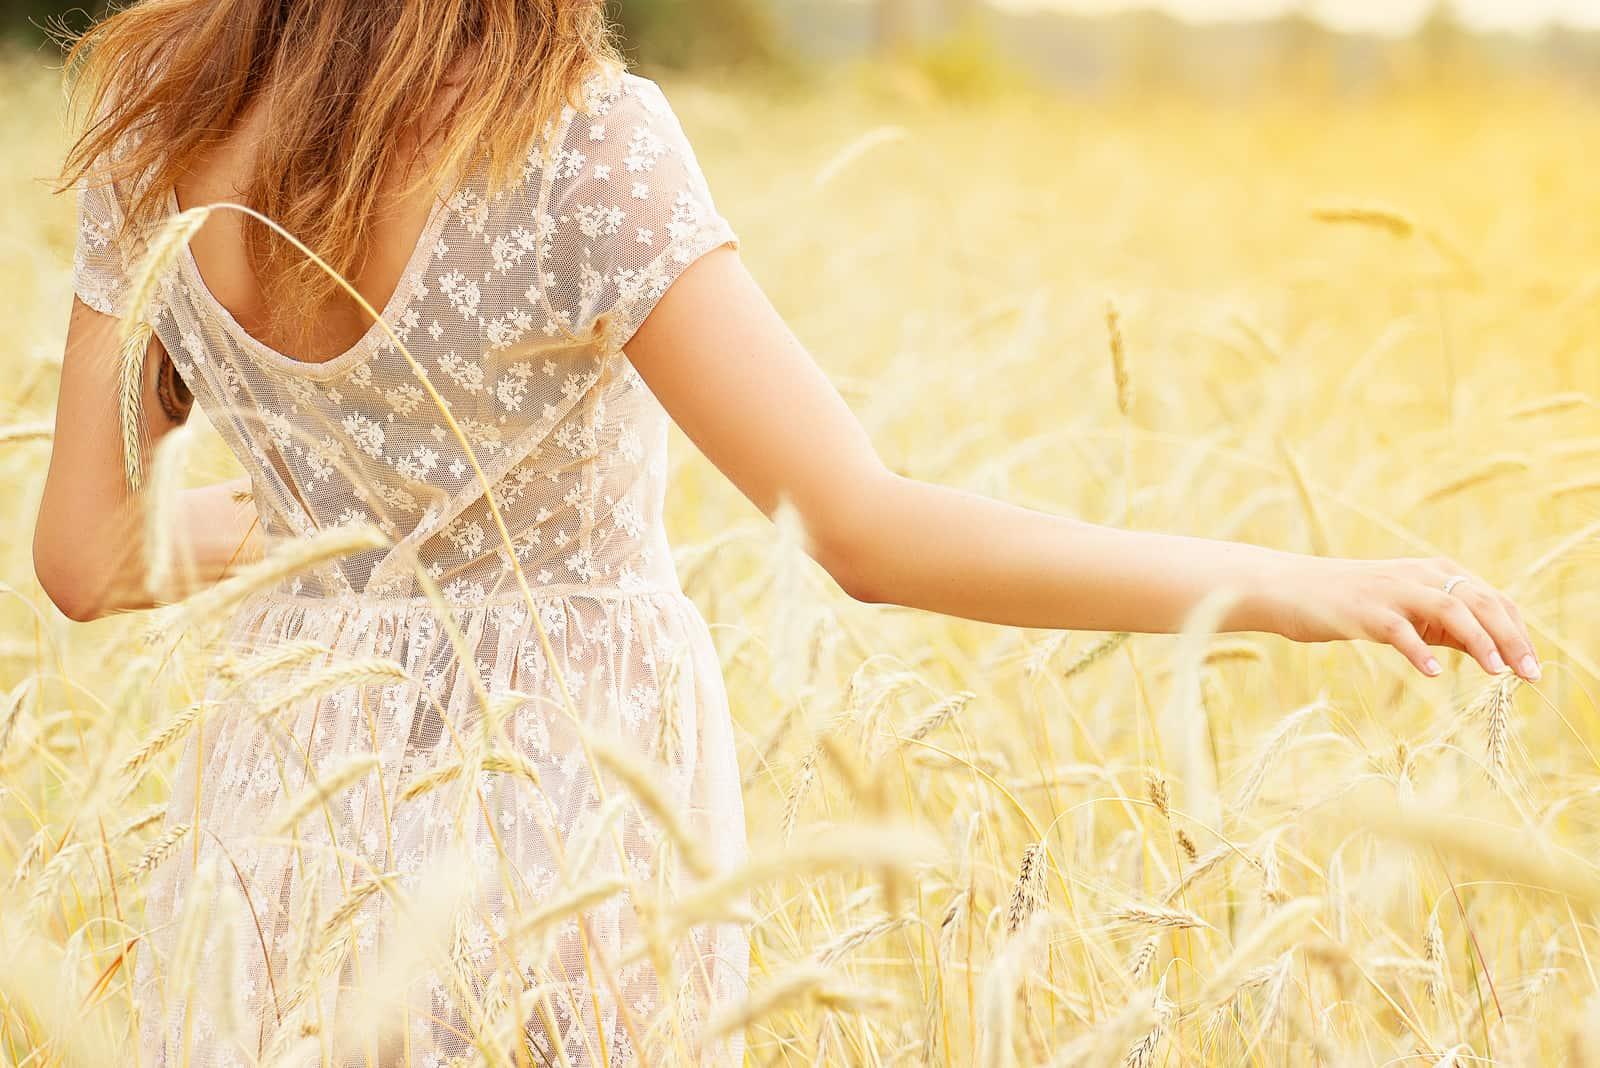 Schönes Mädchen in einem Weizenfeld